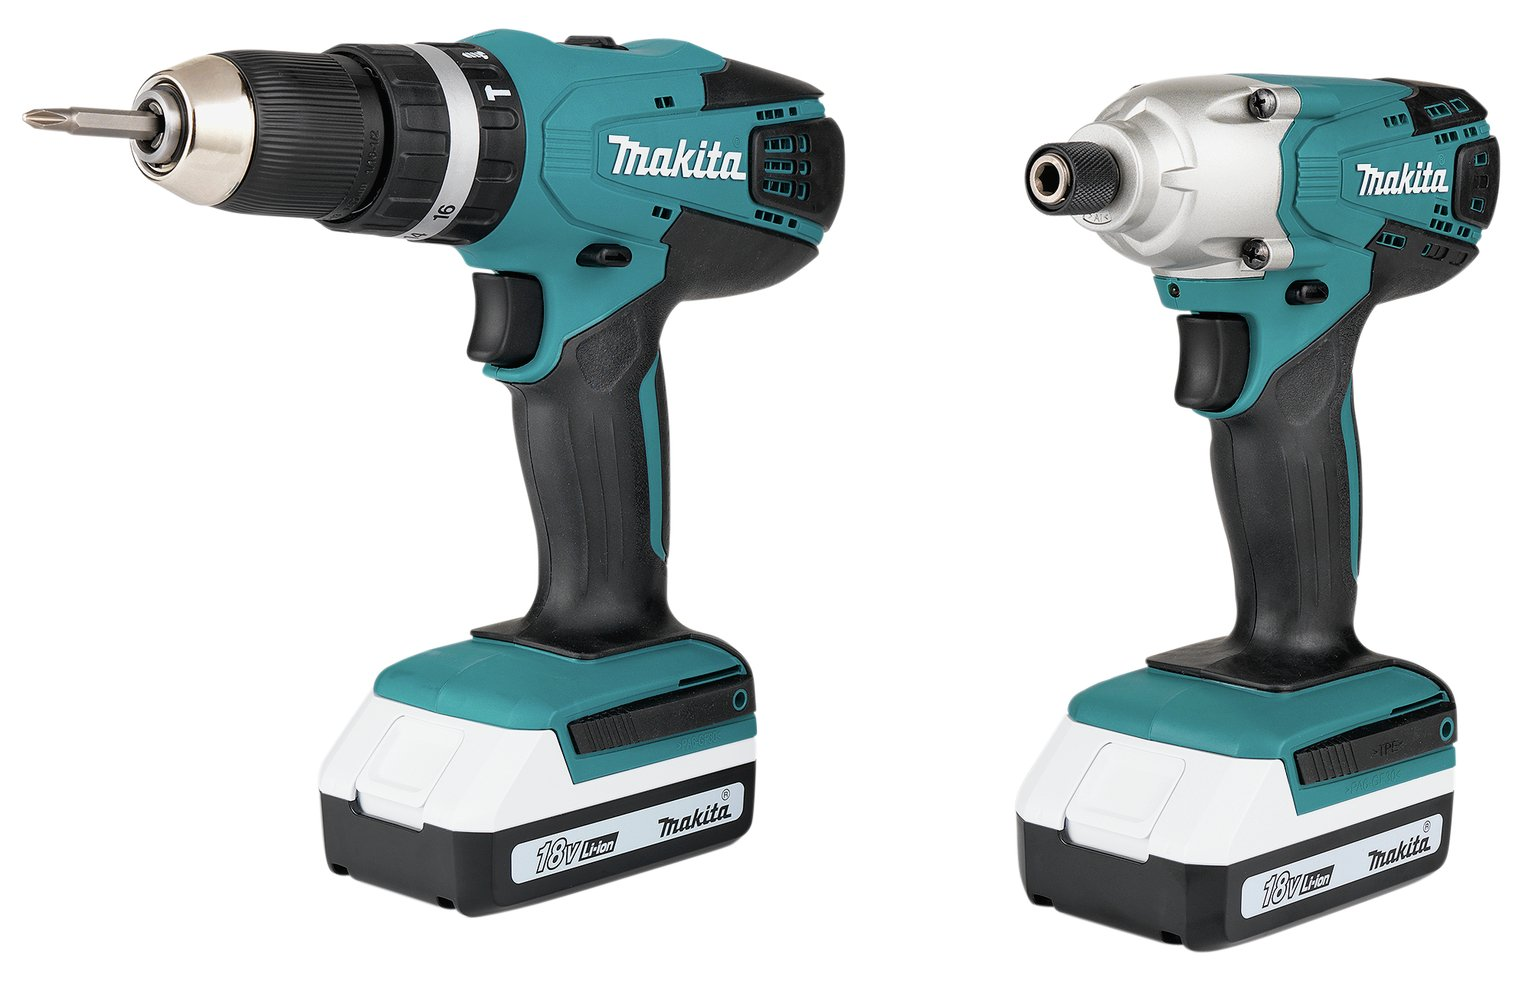 Makita G-Series 1.5Ah Combi Drill and Impact Driver - 18V